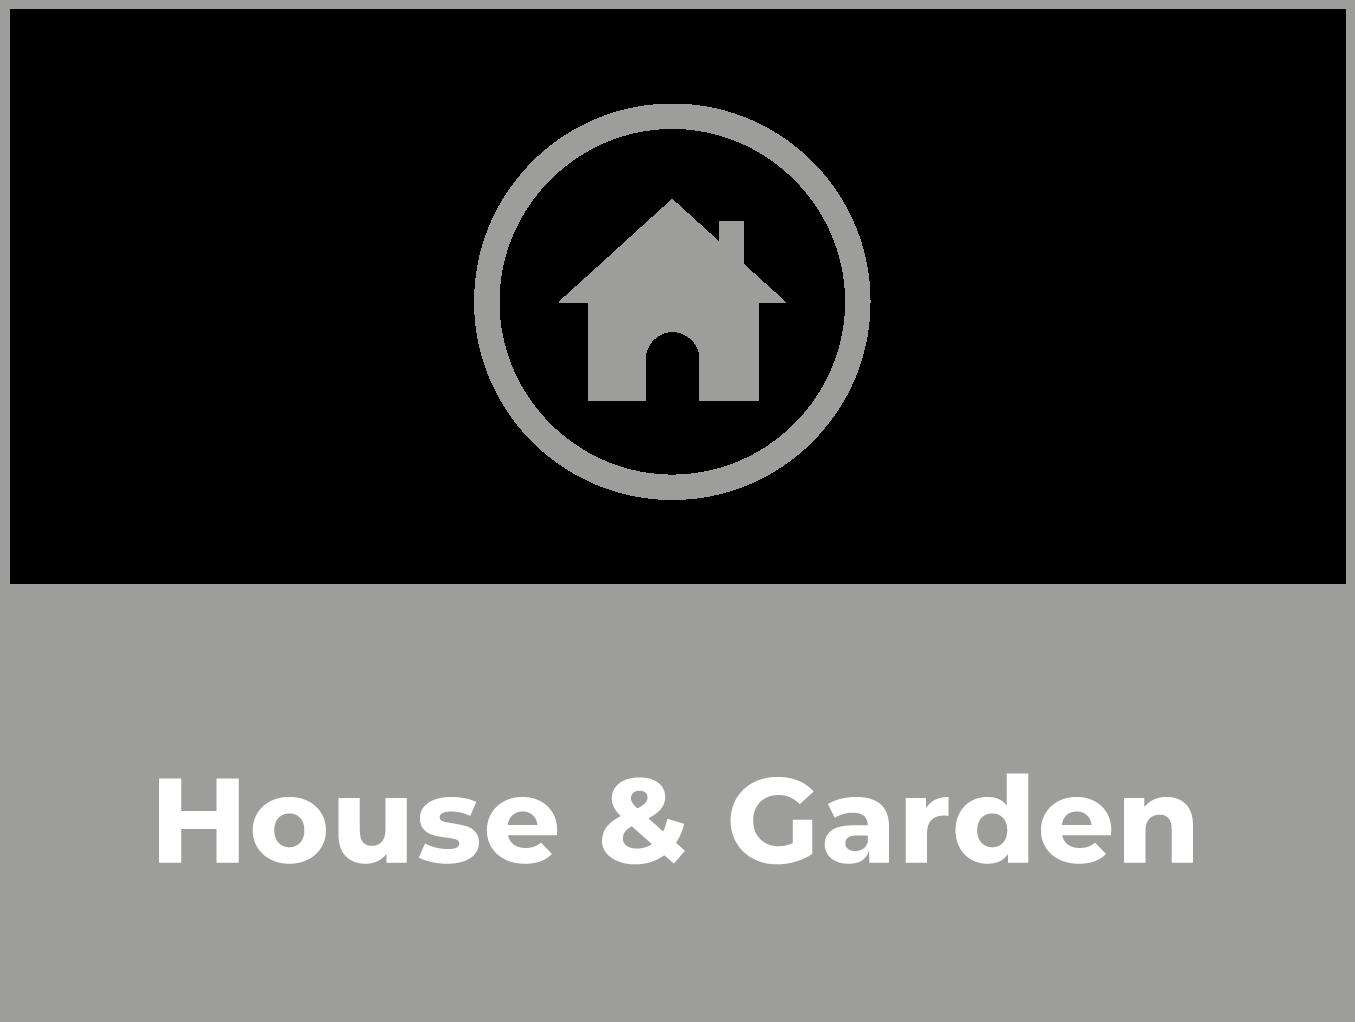 House & Garden Hover